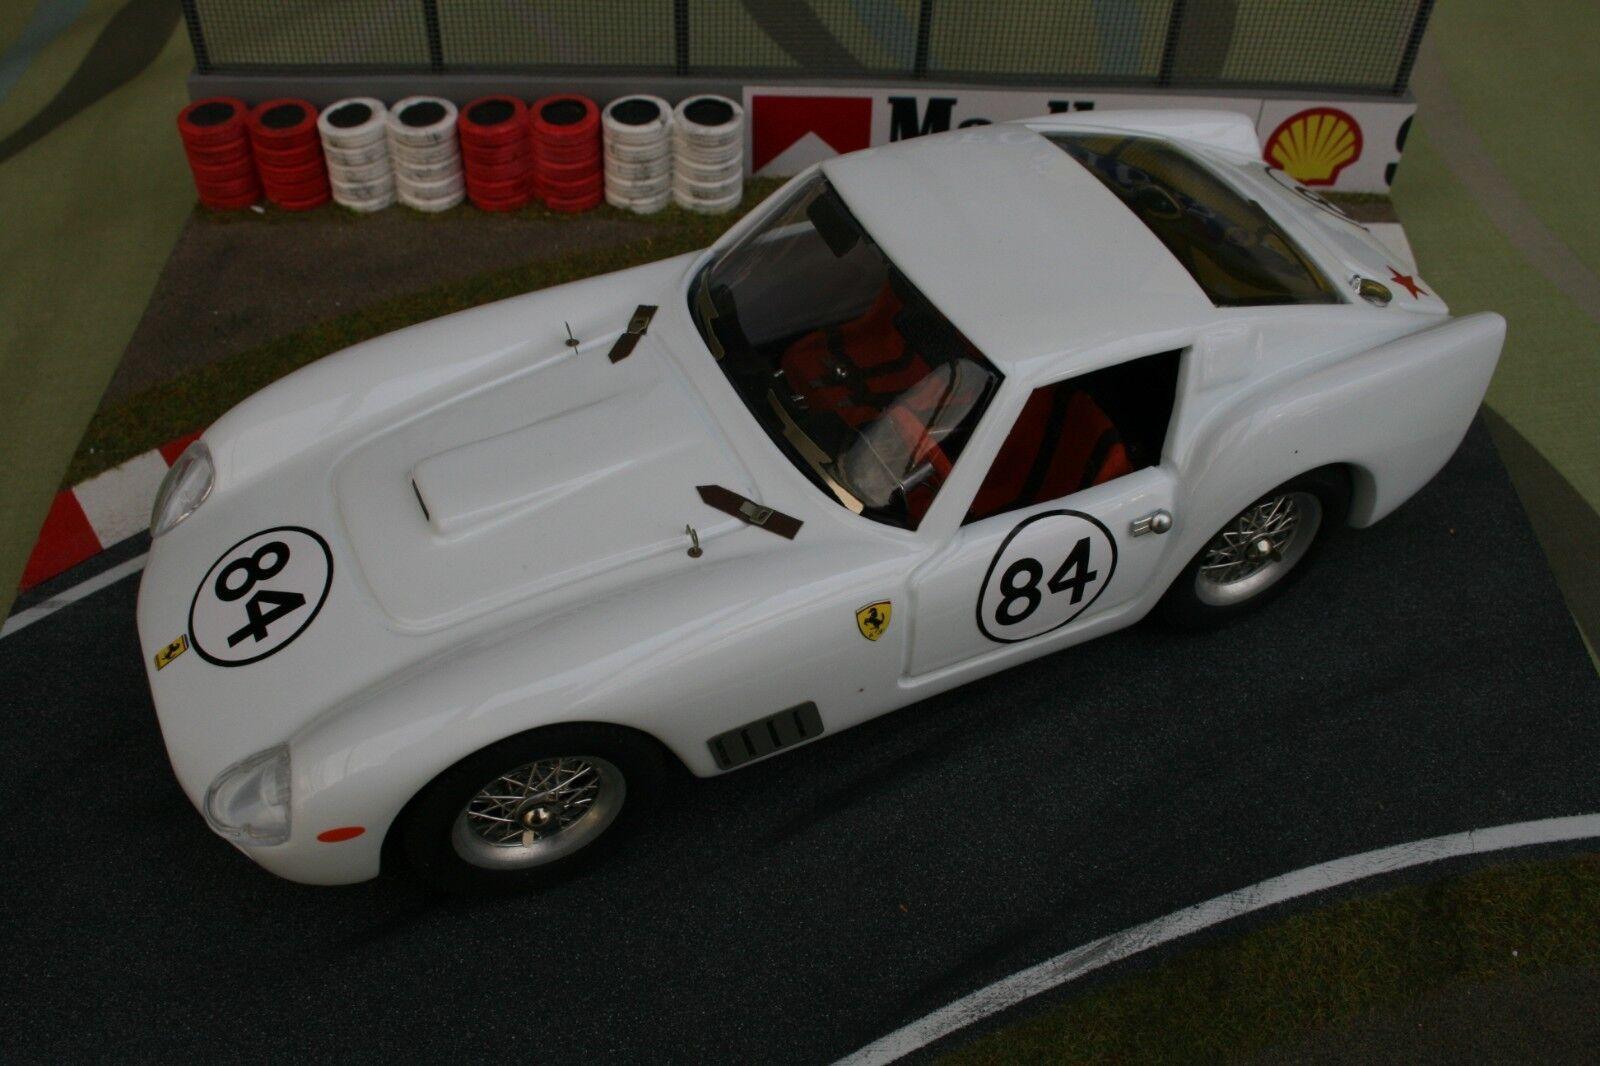 garantía de crédito Ferrari rojo Model 1 18 250TDF    84 New in original box 300 pieces  almacén al por mayor